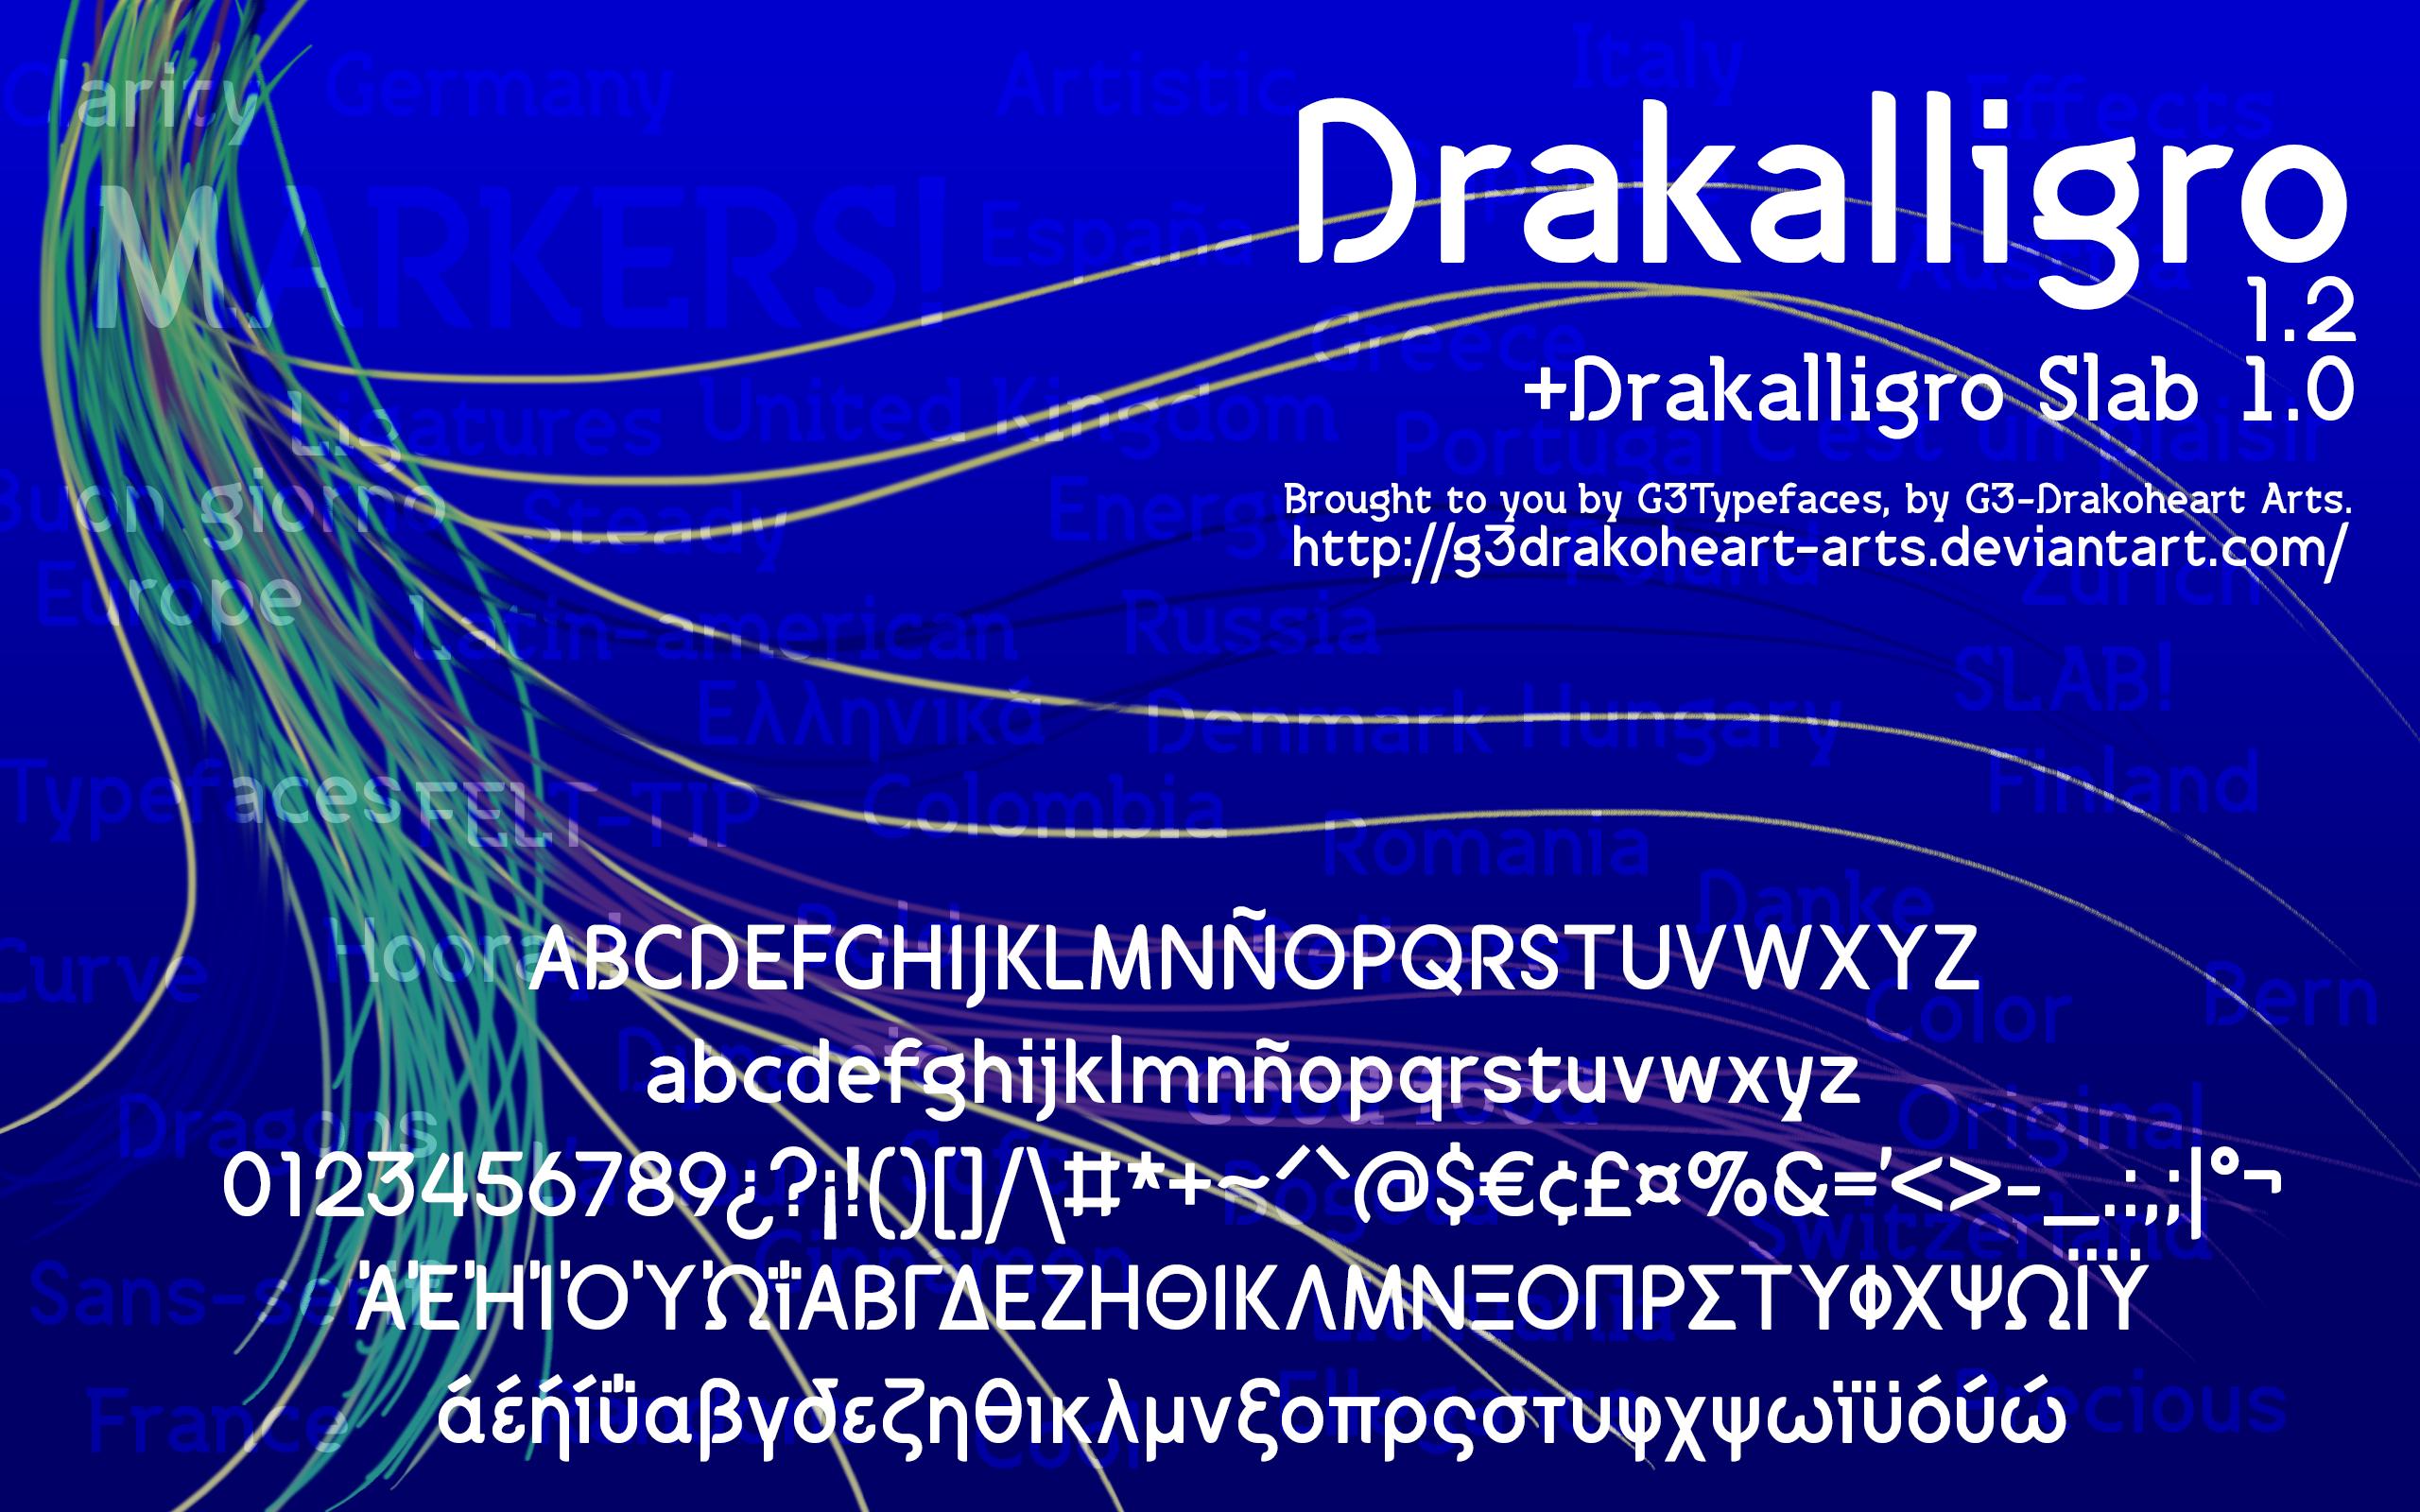 Drakalligro by G3Drakoheart-Arts